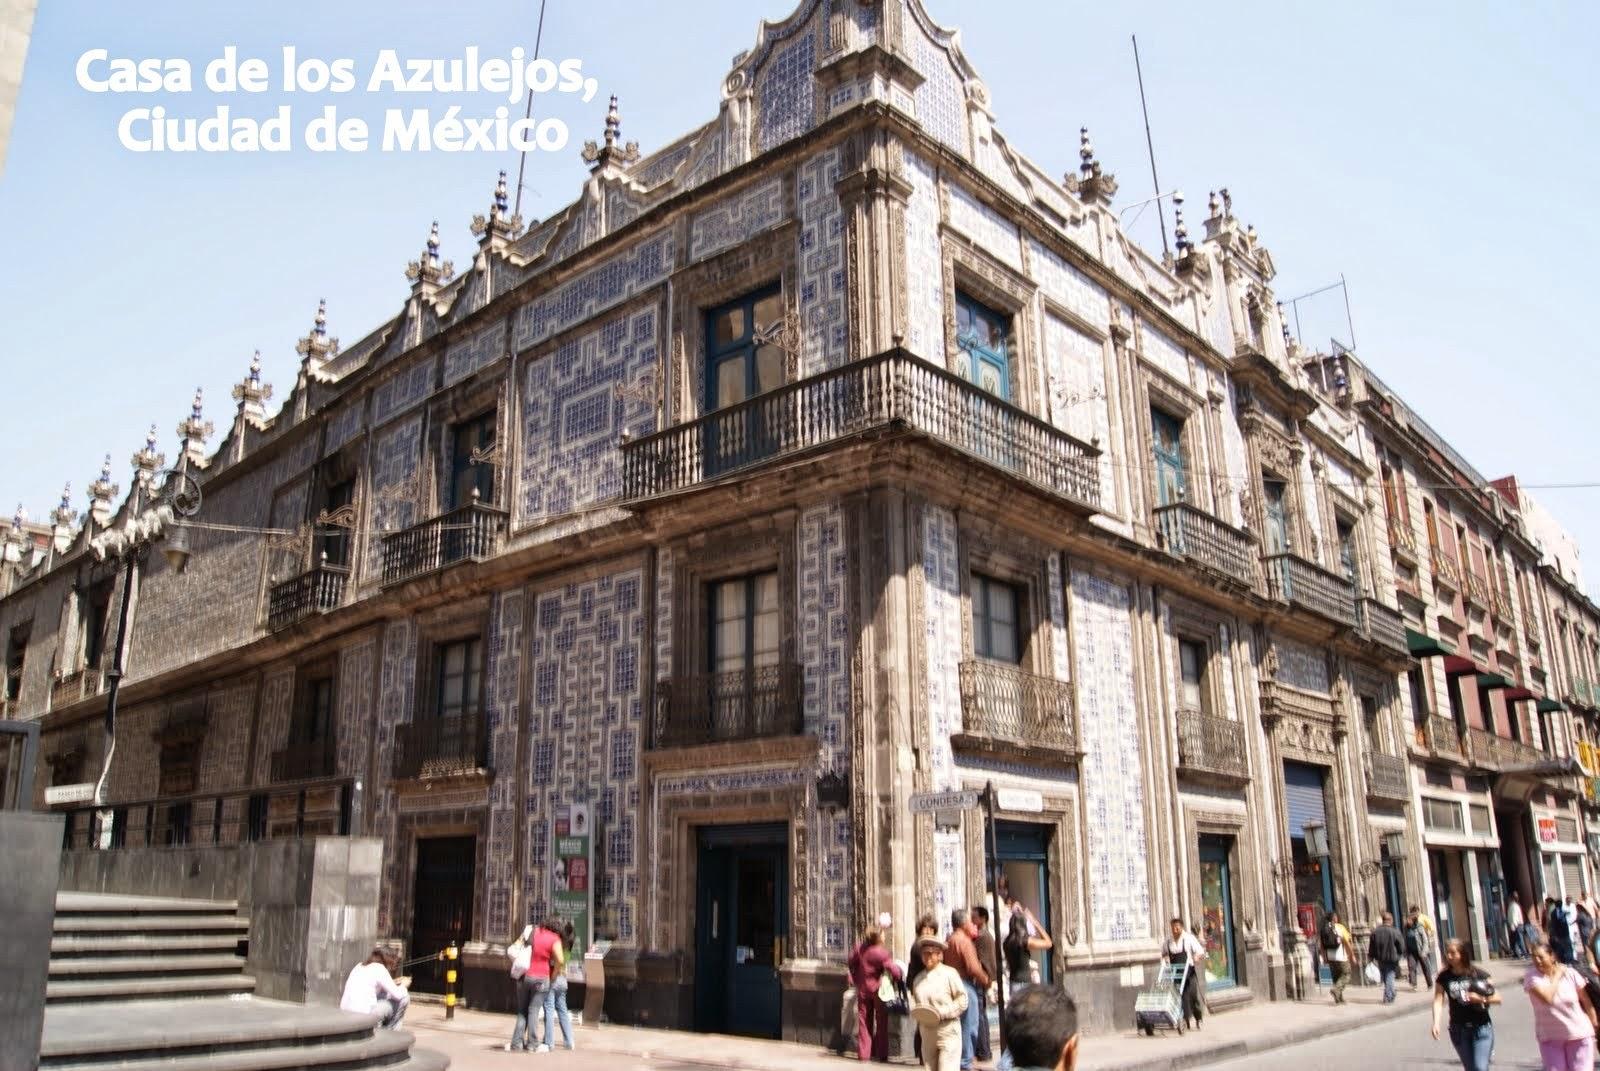 M xico realidades y sue os 02 16 15 for Casa de los azulejos ciudad de mexico cdmx